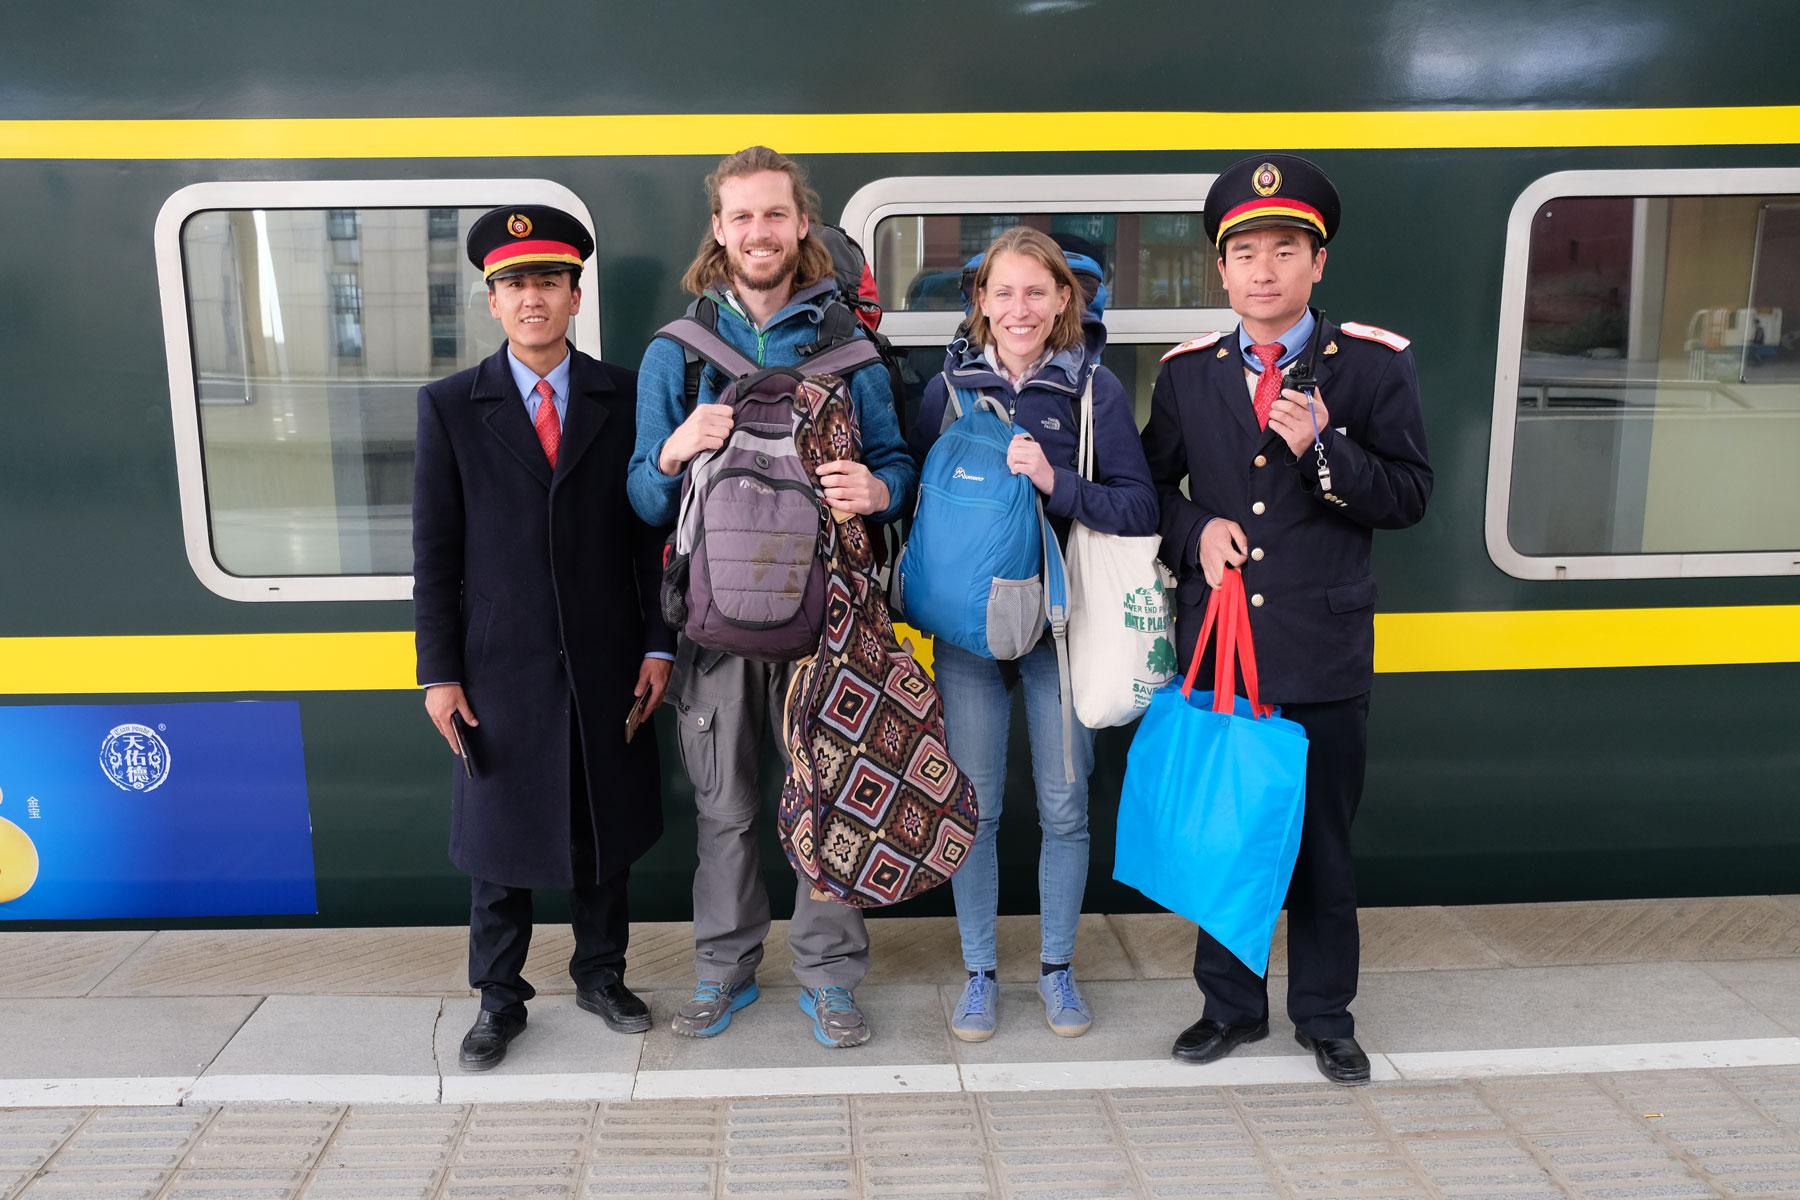 Leo und Sebastian stehen mit zwei Bahnhofsmitarbeitern vor ihrem Zug in Lhasa in Tibet.